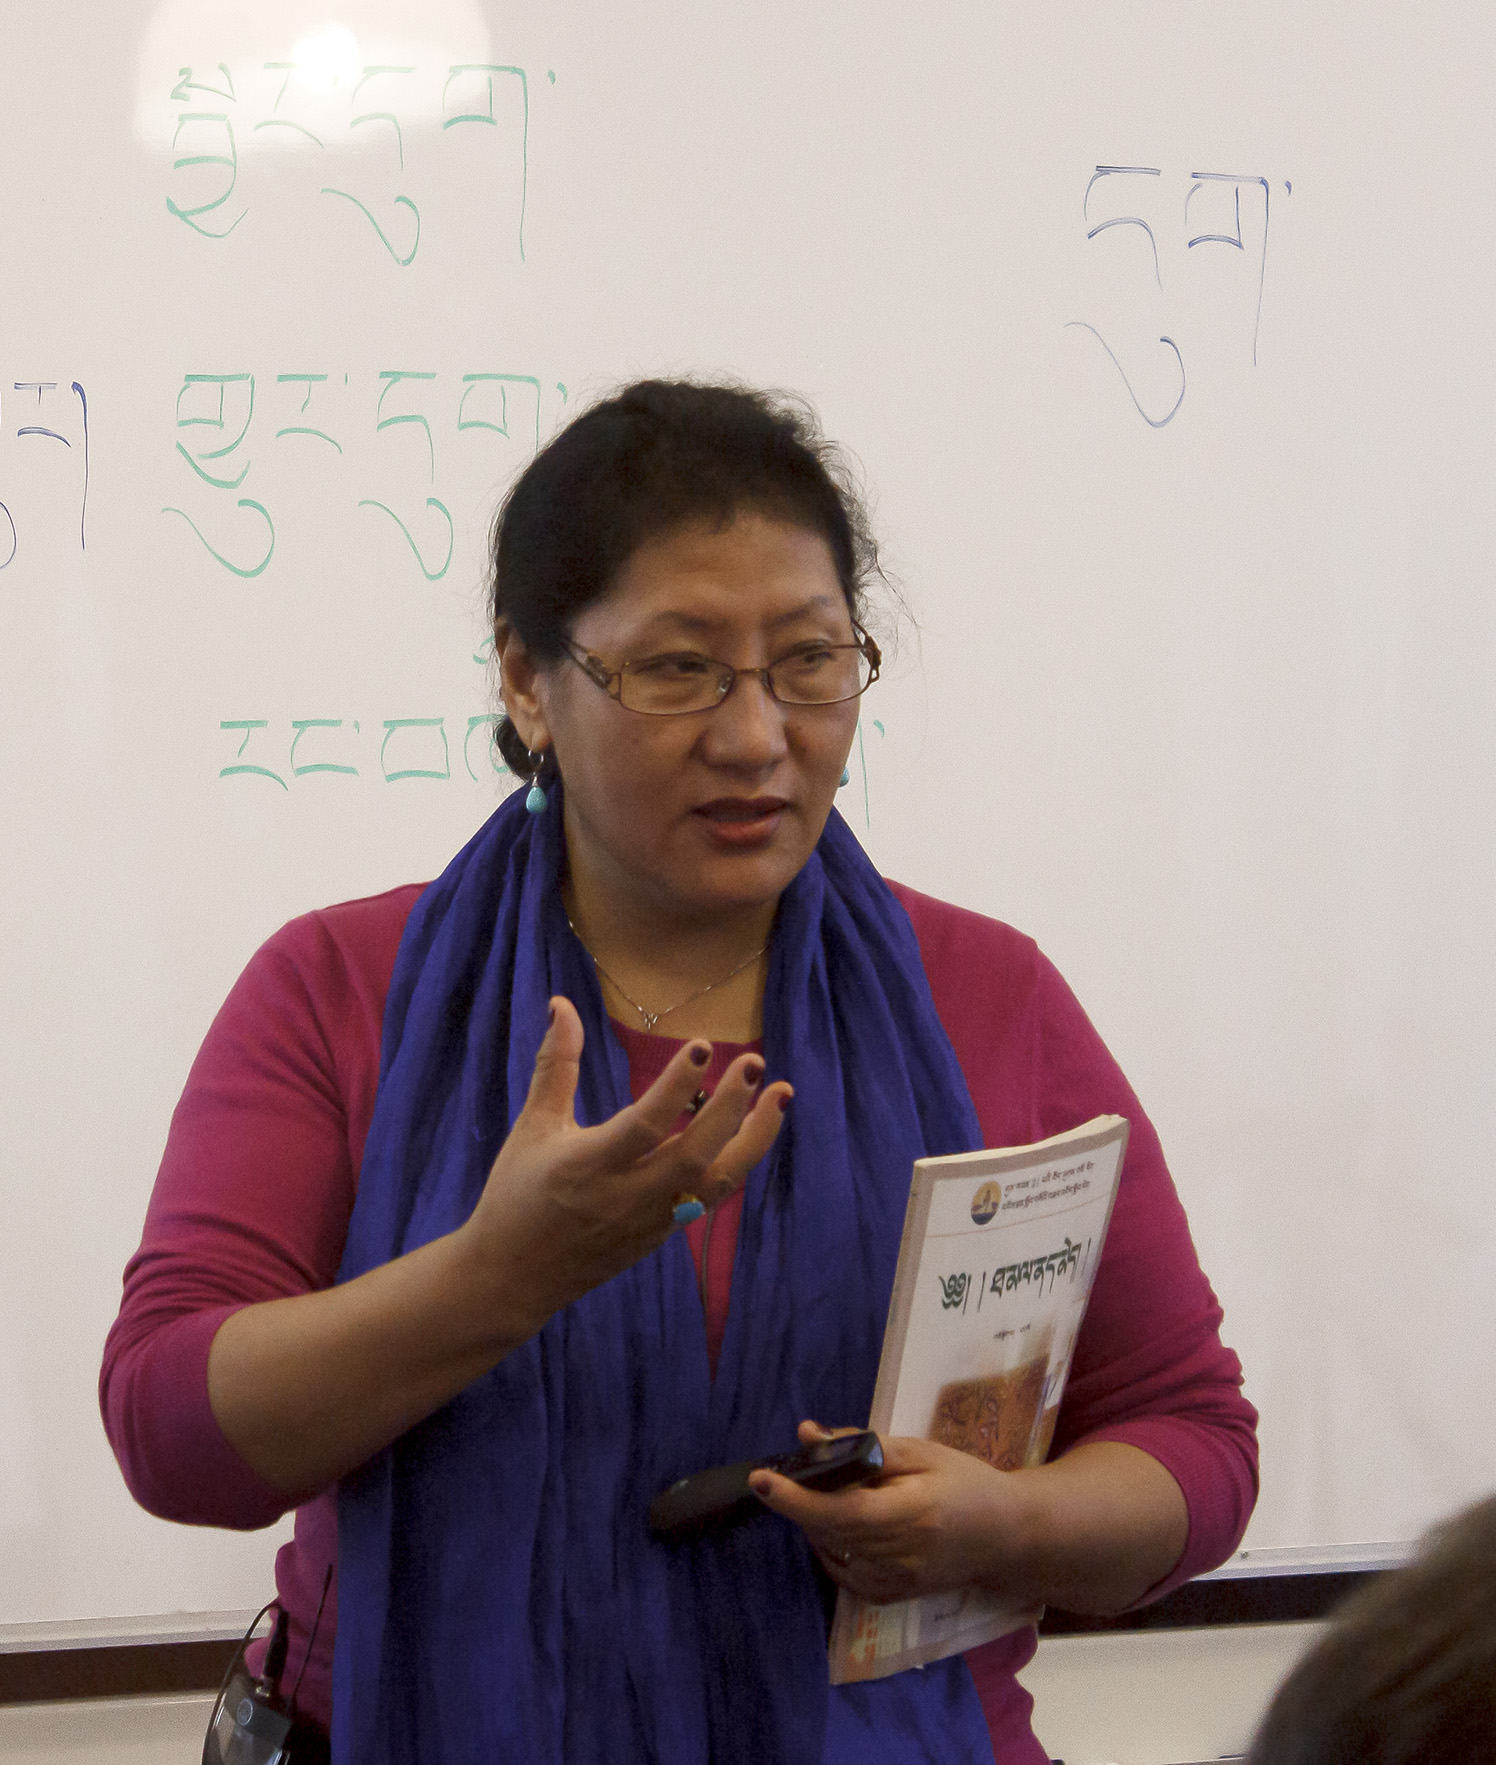 Доктор Пунцог Вангмо, международный директор и преподаватель Школы тибетской медицины.